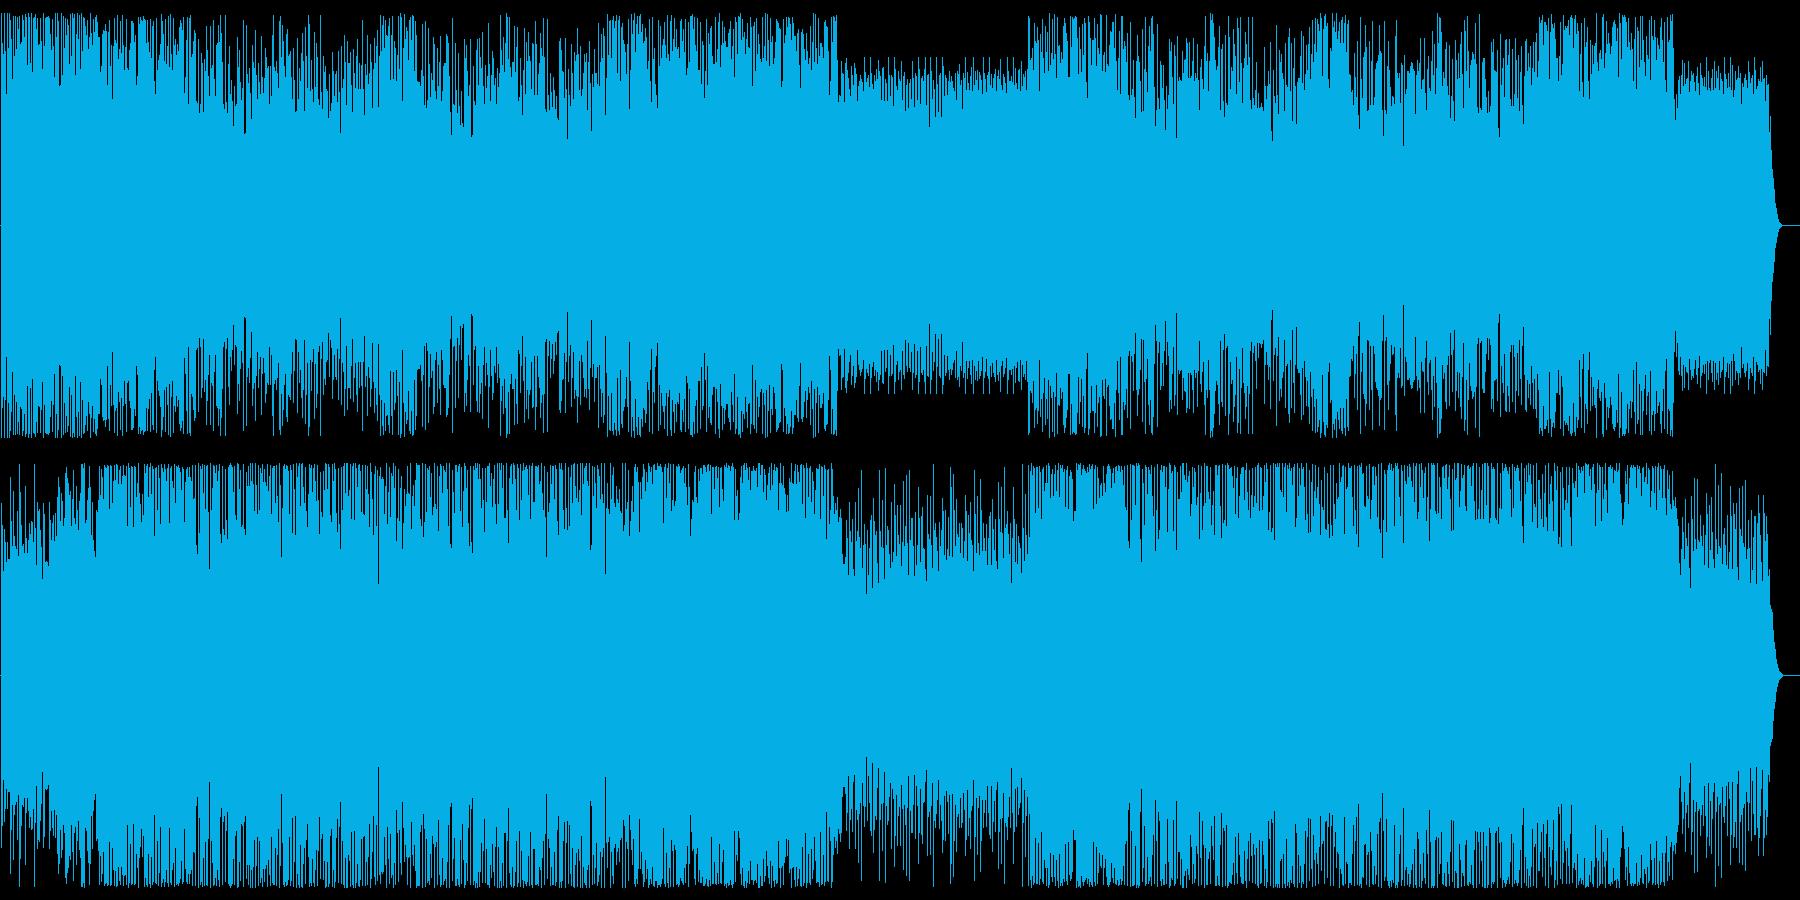 琴の音色が日本風なポップスの再生済みの波形